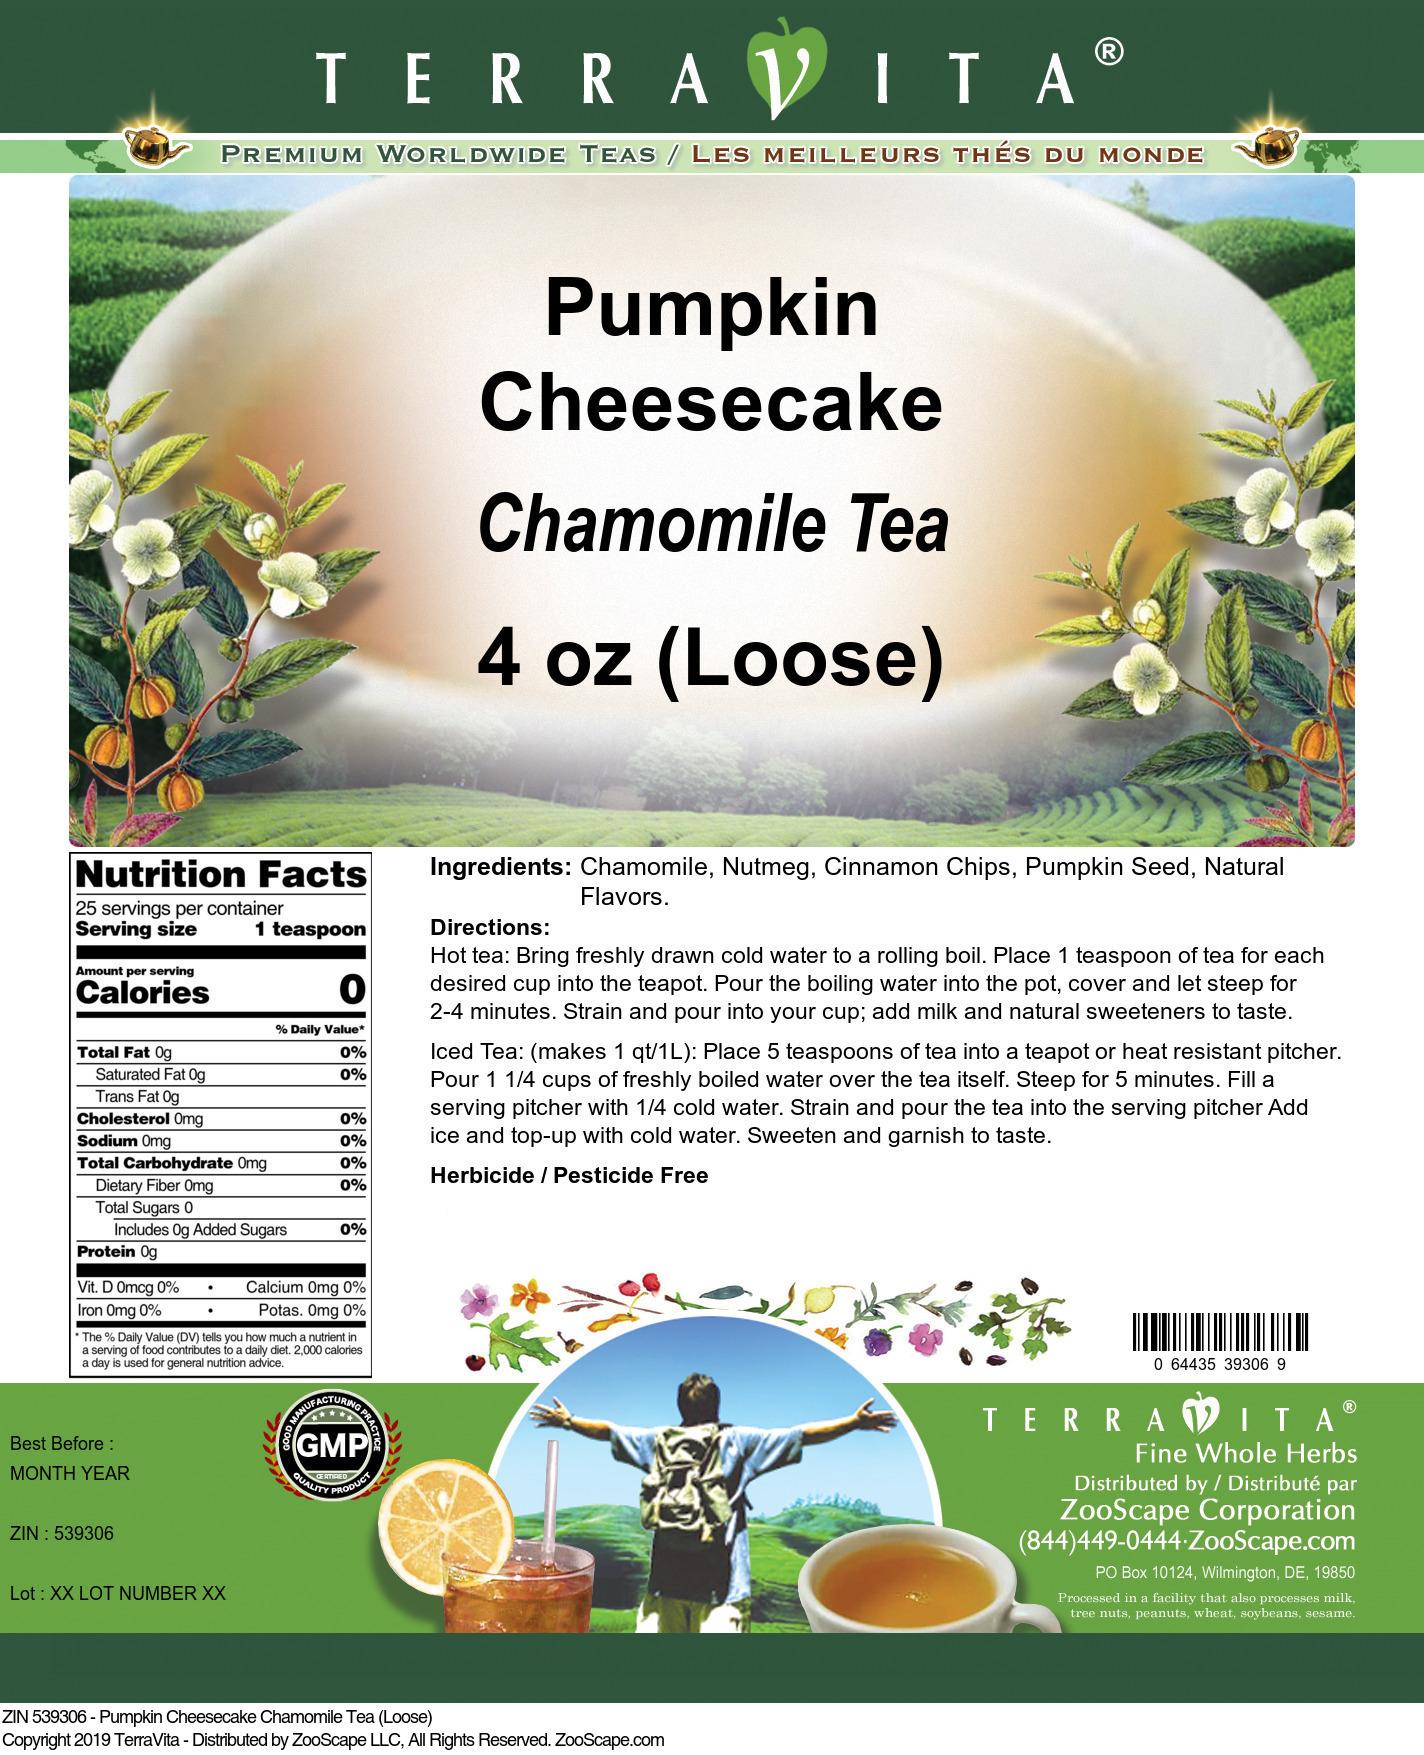 Pumpkin Cheesecake Chamomile Tea